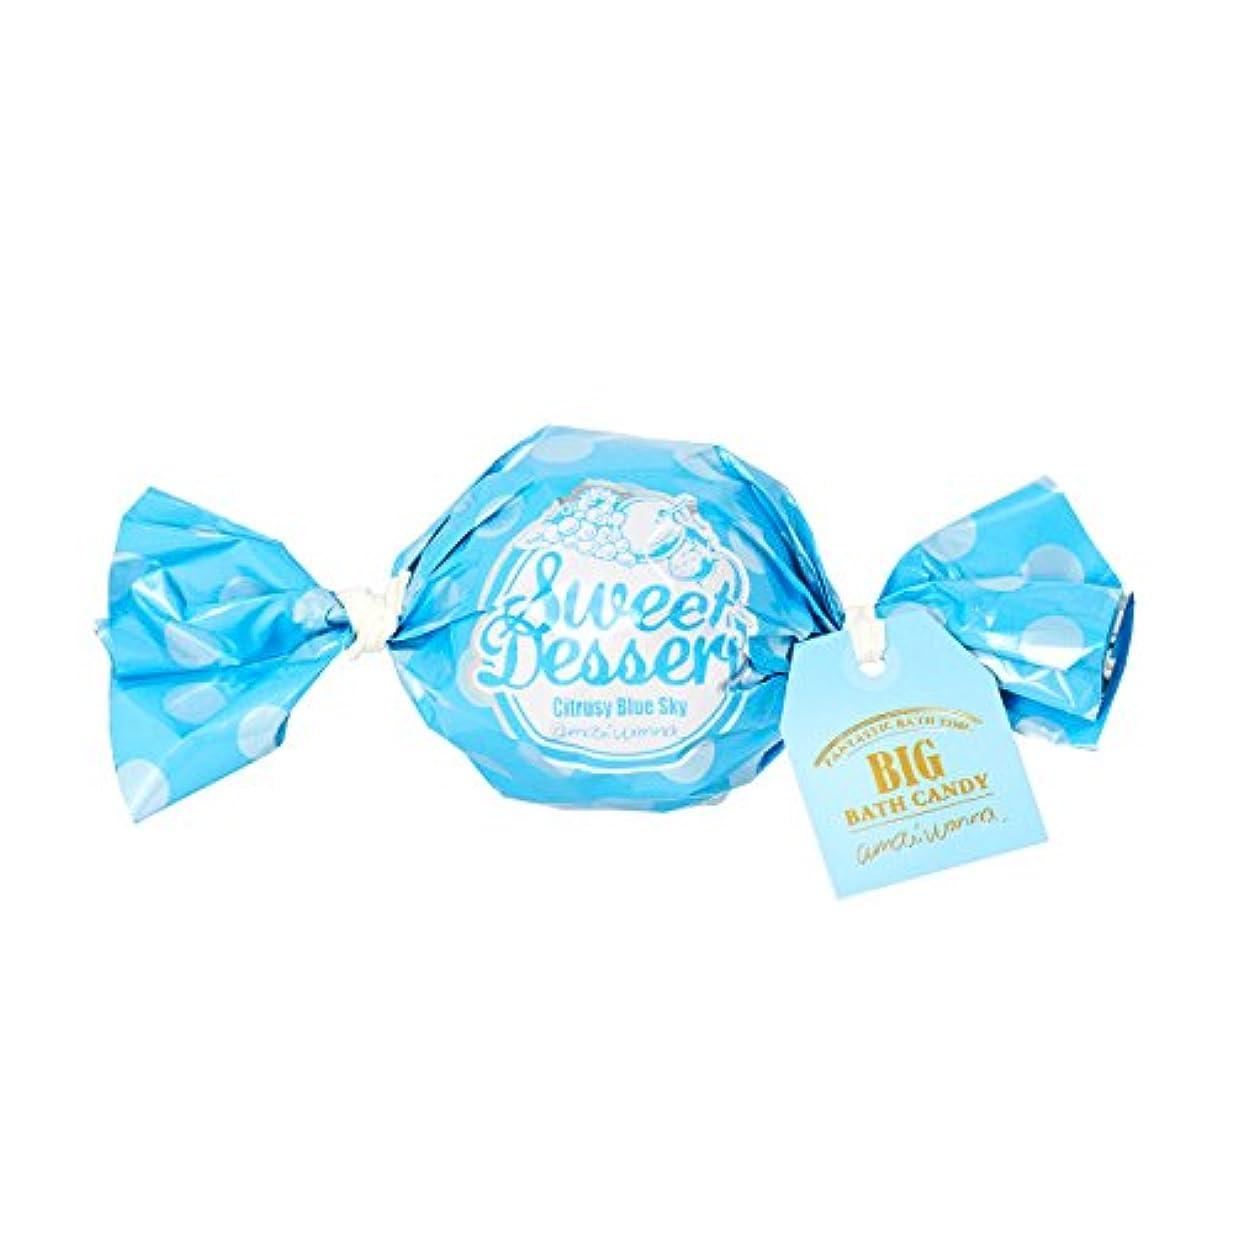 接地窓を洗うのスコアアマイワナ ビッグバスキャンディー 青空シトラス 100g(発泡タイプ入浴料 おおらかで凛としたシトラスの香り)